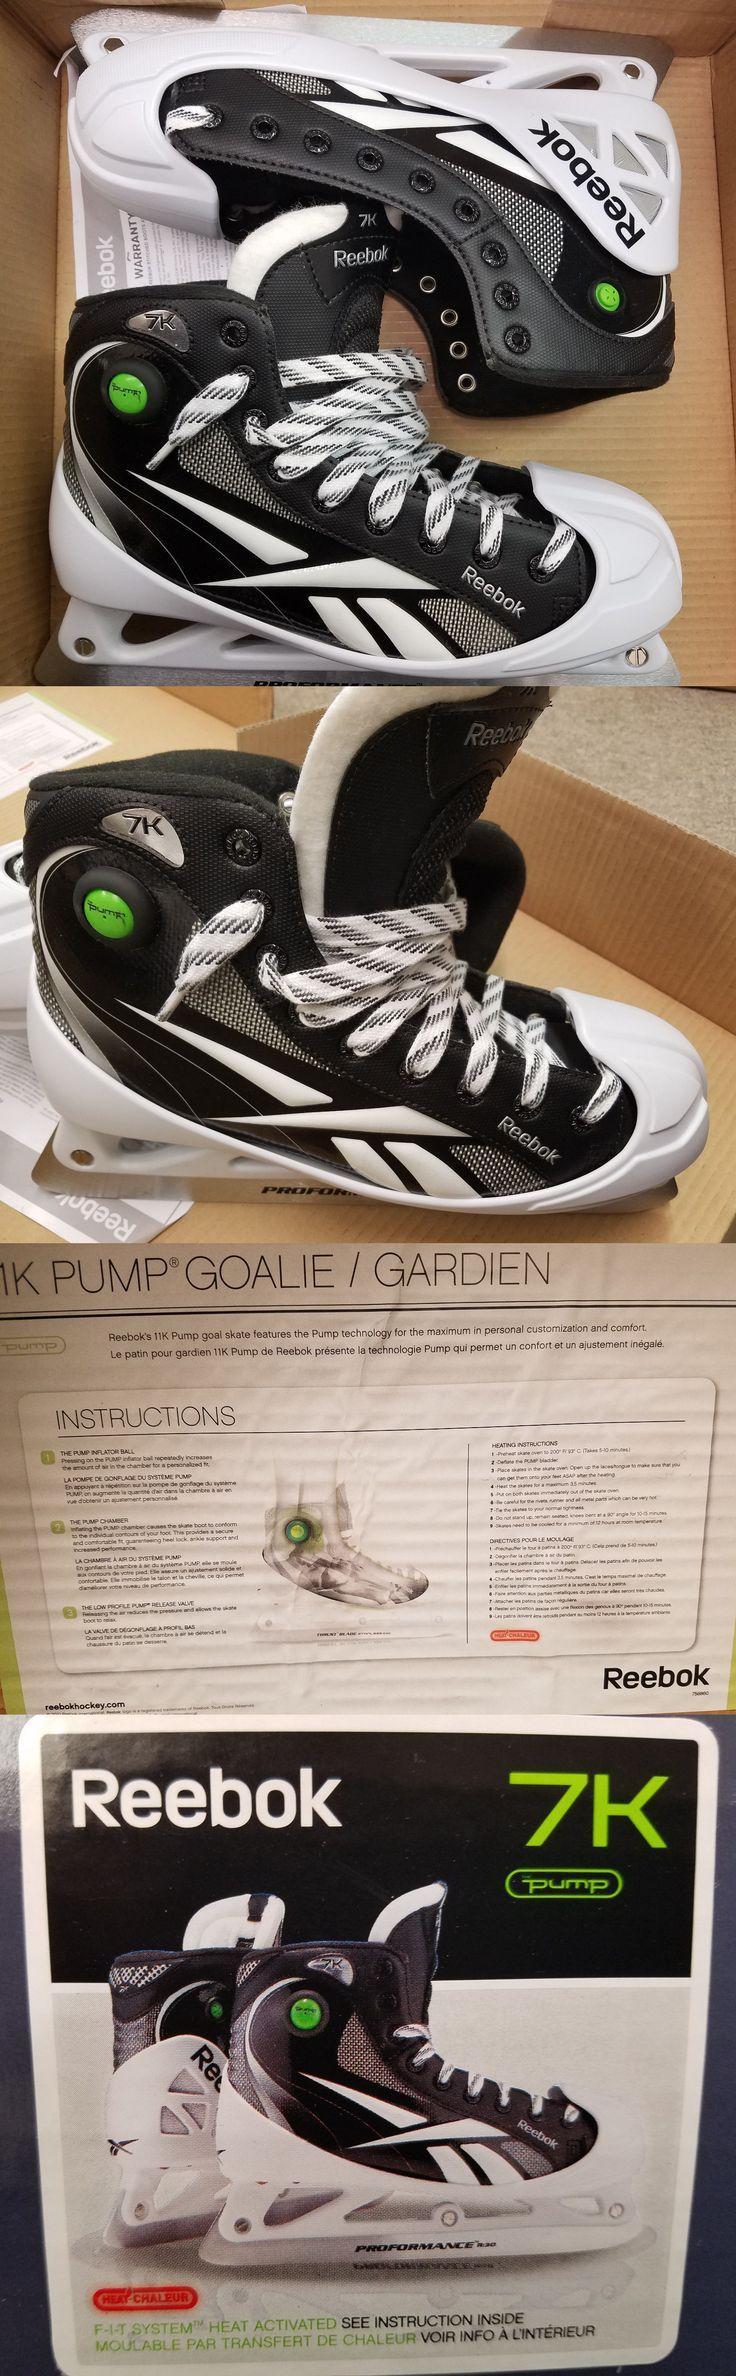 Ice Hockey-Youth 26342: Reebok 7K Goalie Skates Sr Size Us 9.5 -> BUY IT NOW ONLY: $149 on eBay!